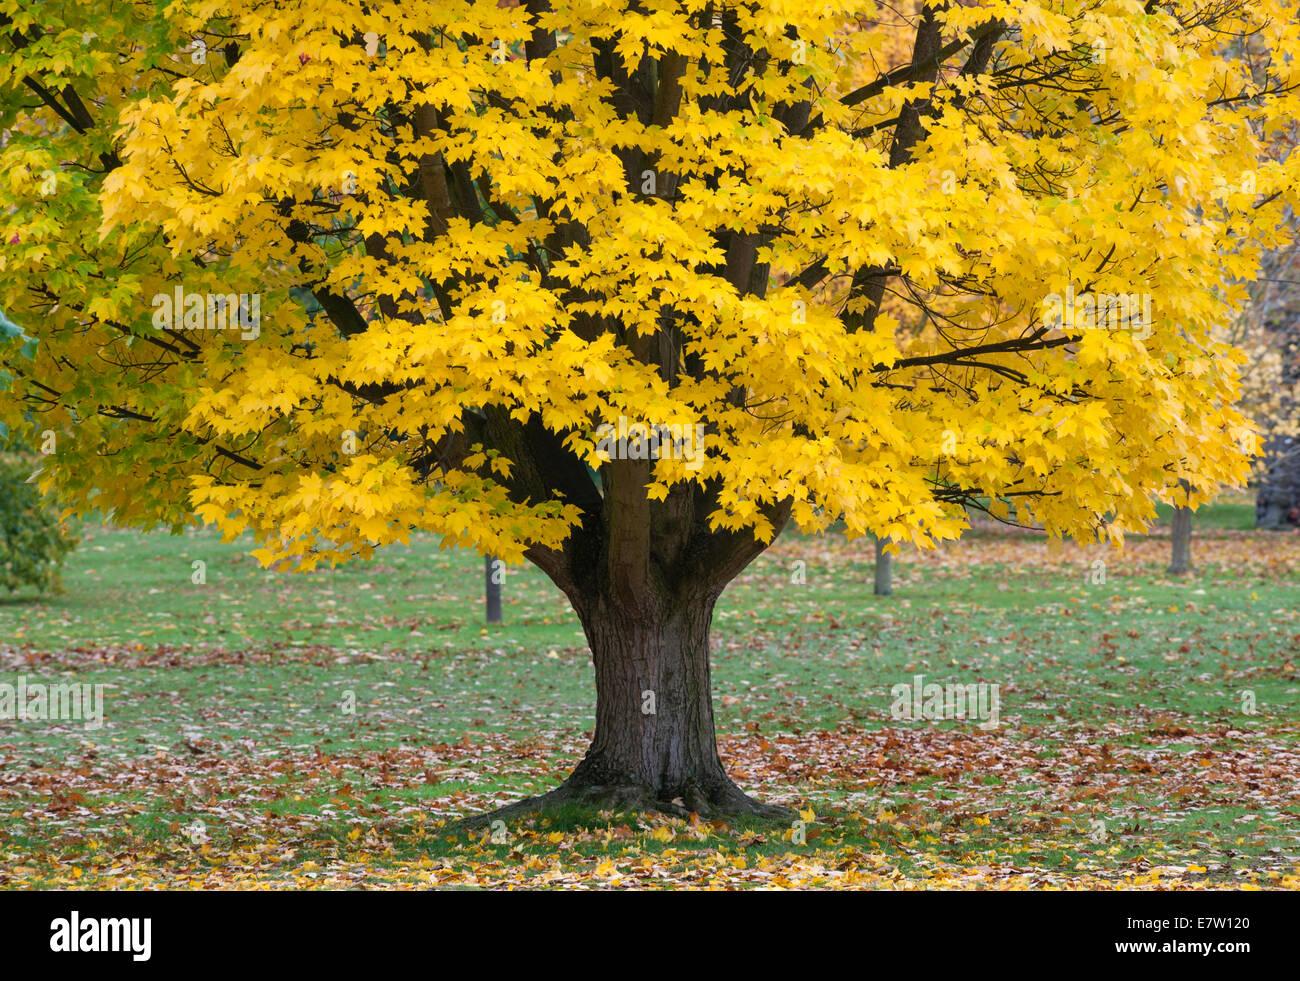 Royal Botanic Gardens, Kew, Londra. Un formulario giallo di Acer rubrum (rosso acero o acero di palude) si preannuncia spettacolare in autunno Foto Stock